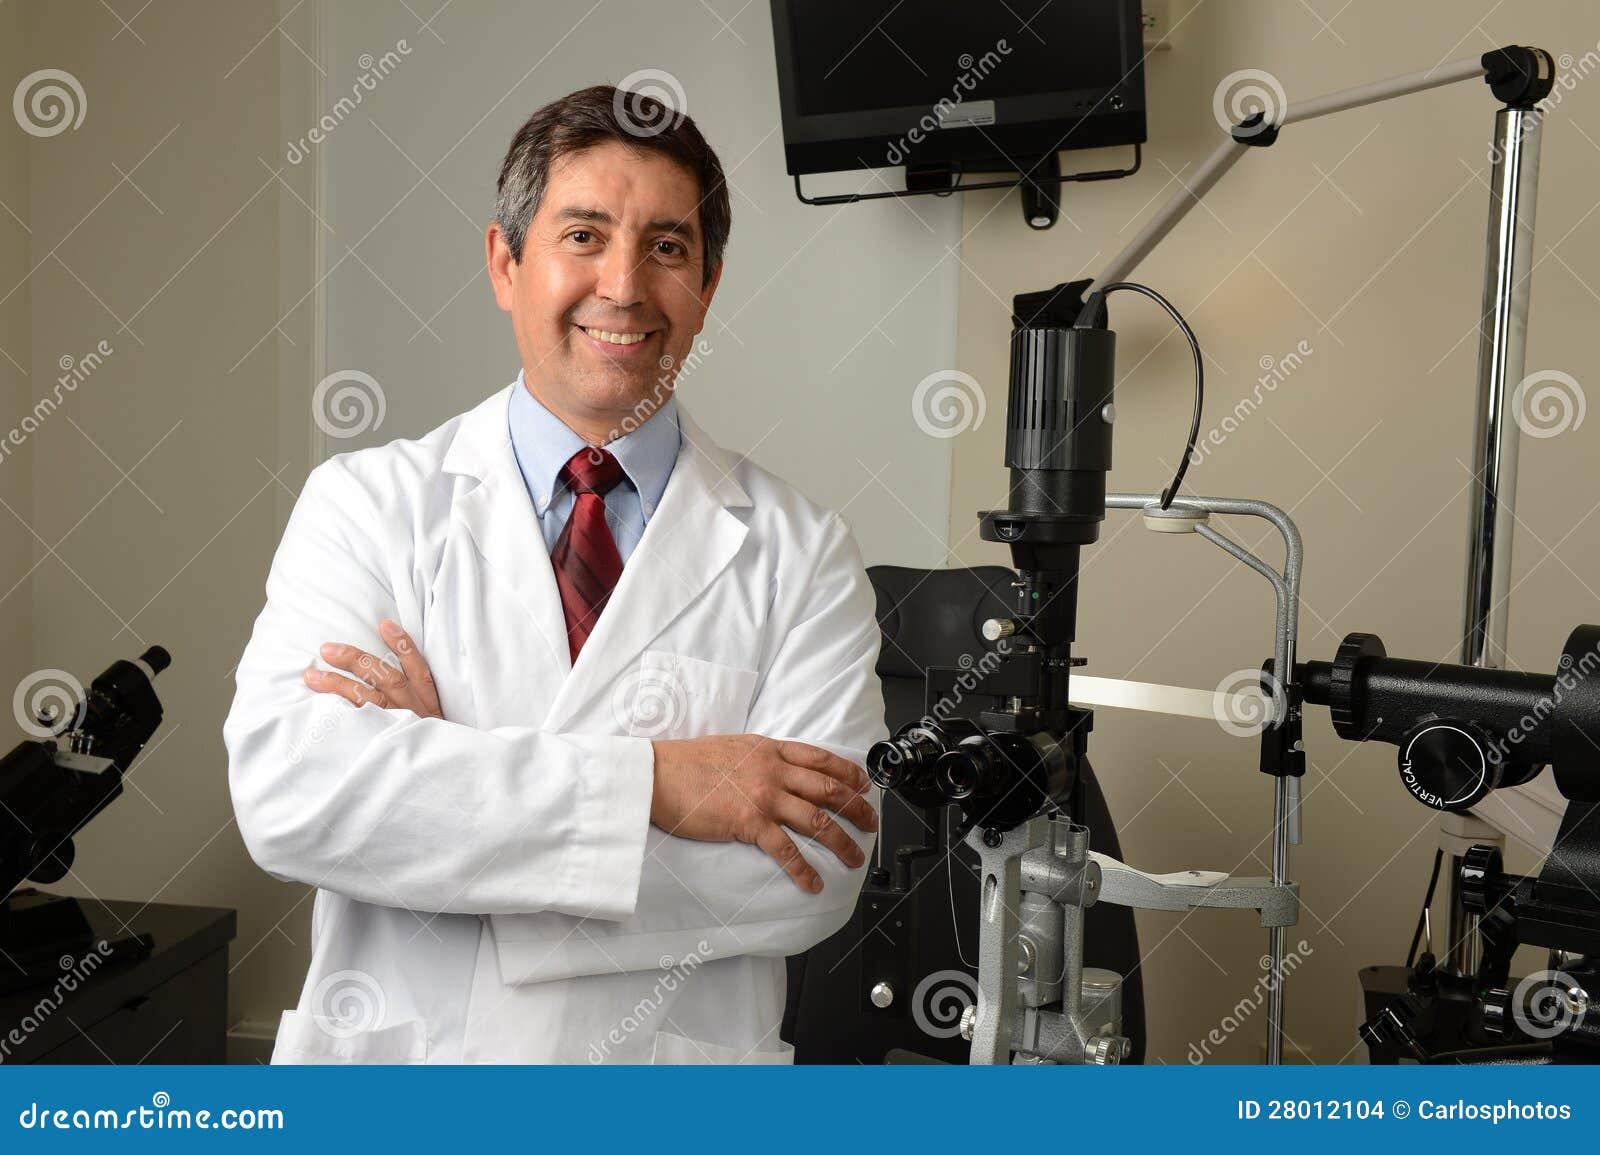 Ophtalmologiste Dans Son Bureau Avec Des Istruments Photo stock ... 2236f61fcf03